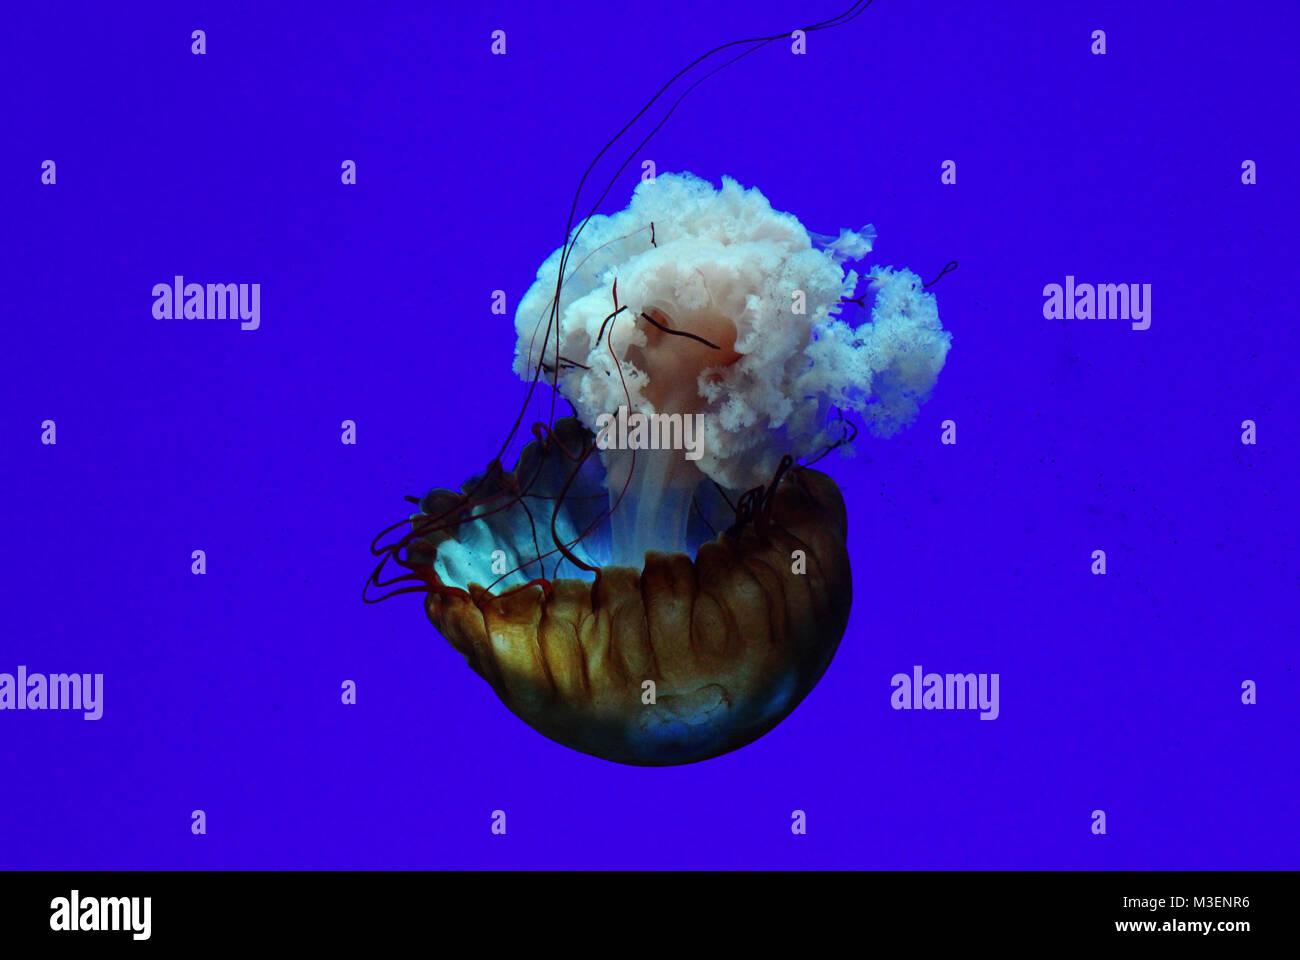 Las medusas aislados en aguas profundas y azules Imagen De Stock